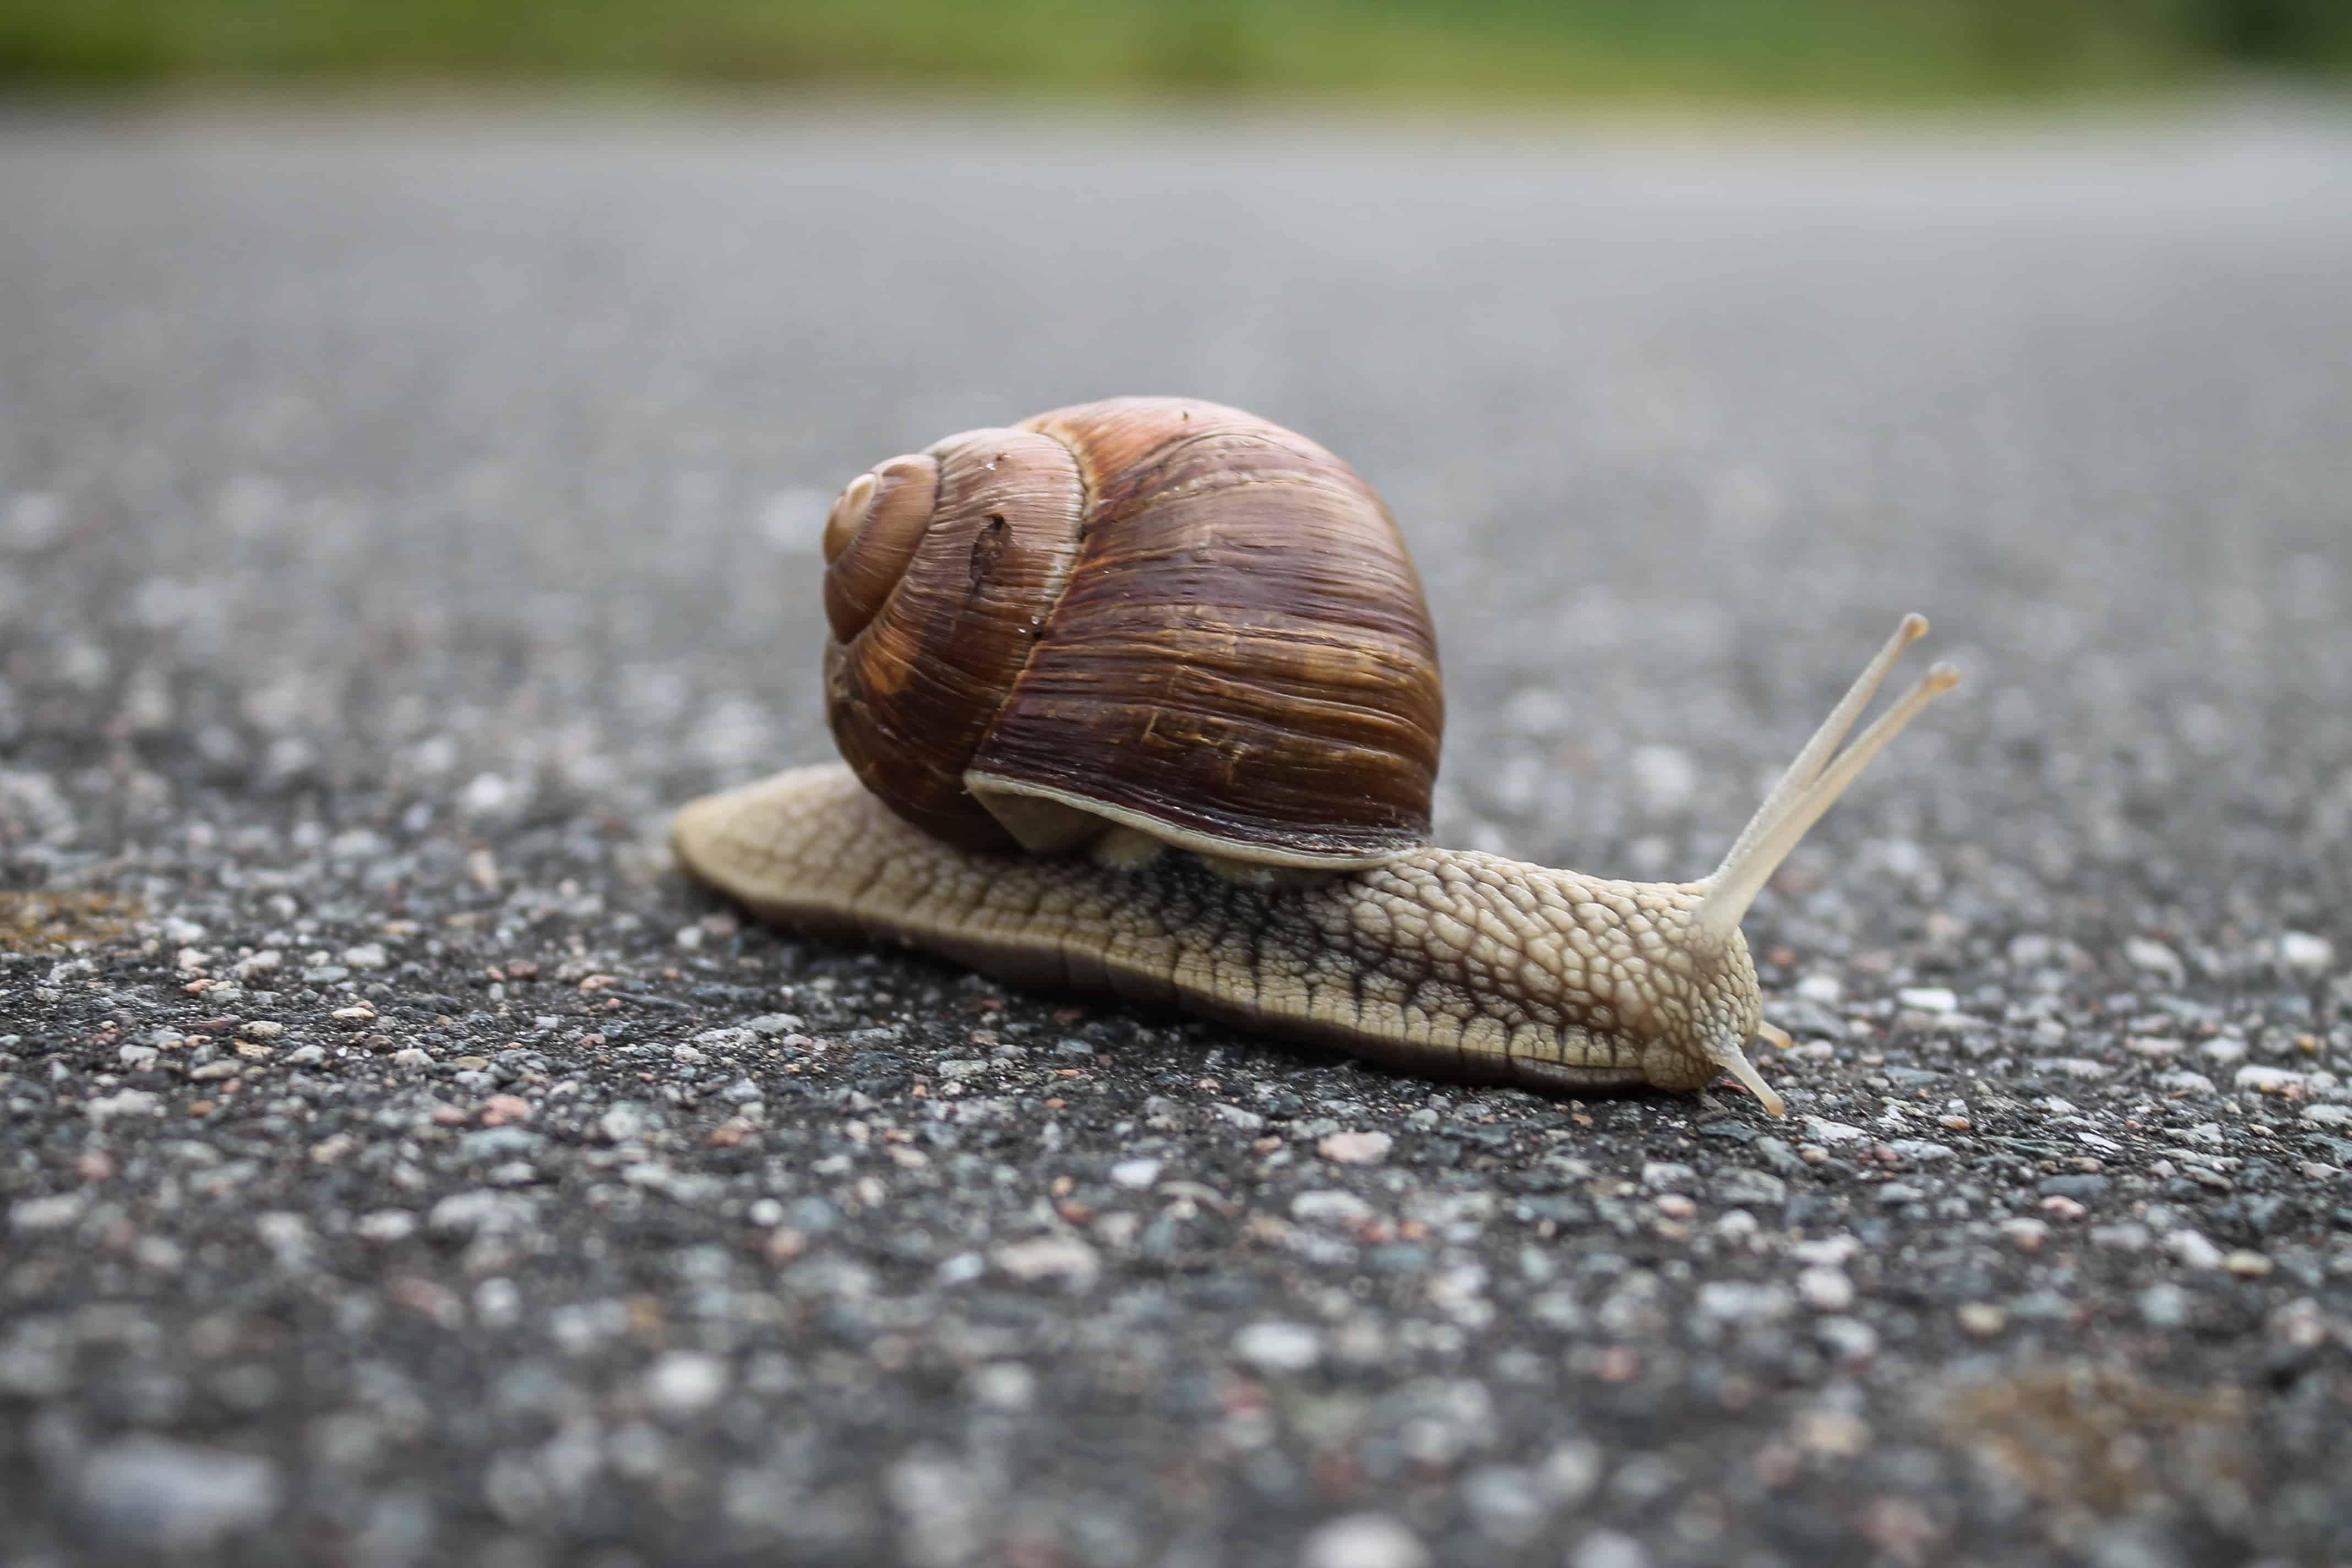 snails sleep